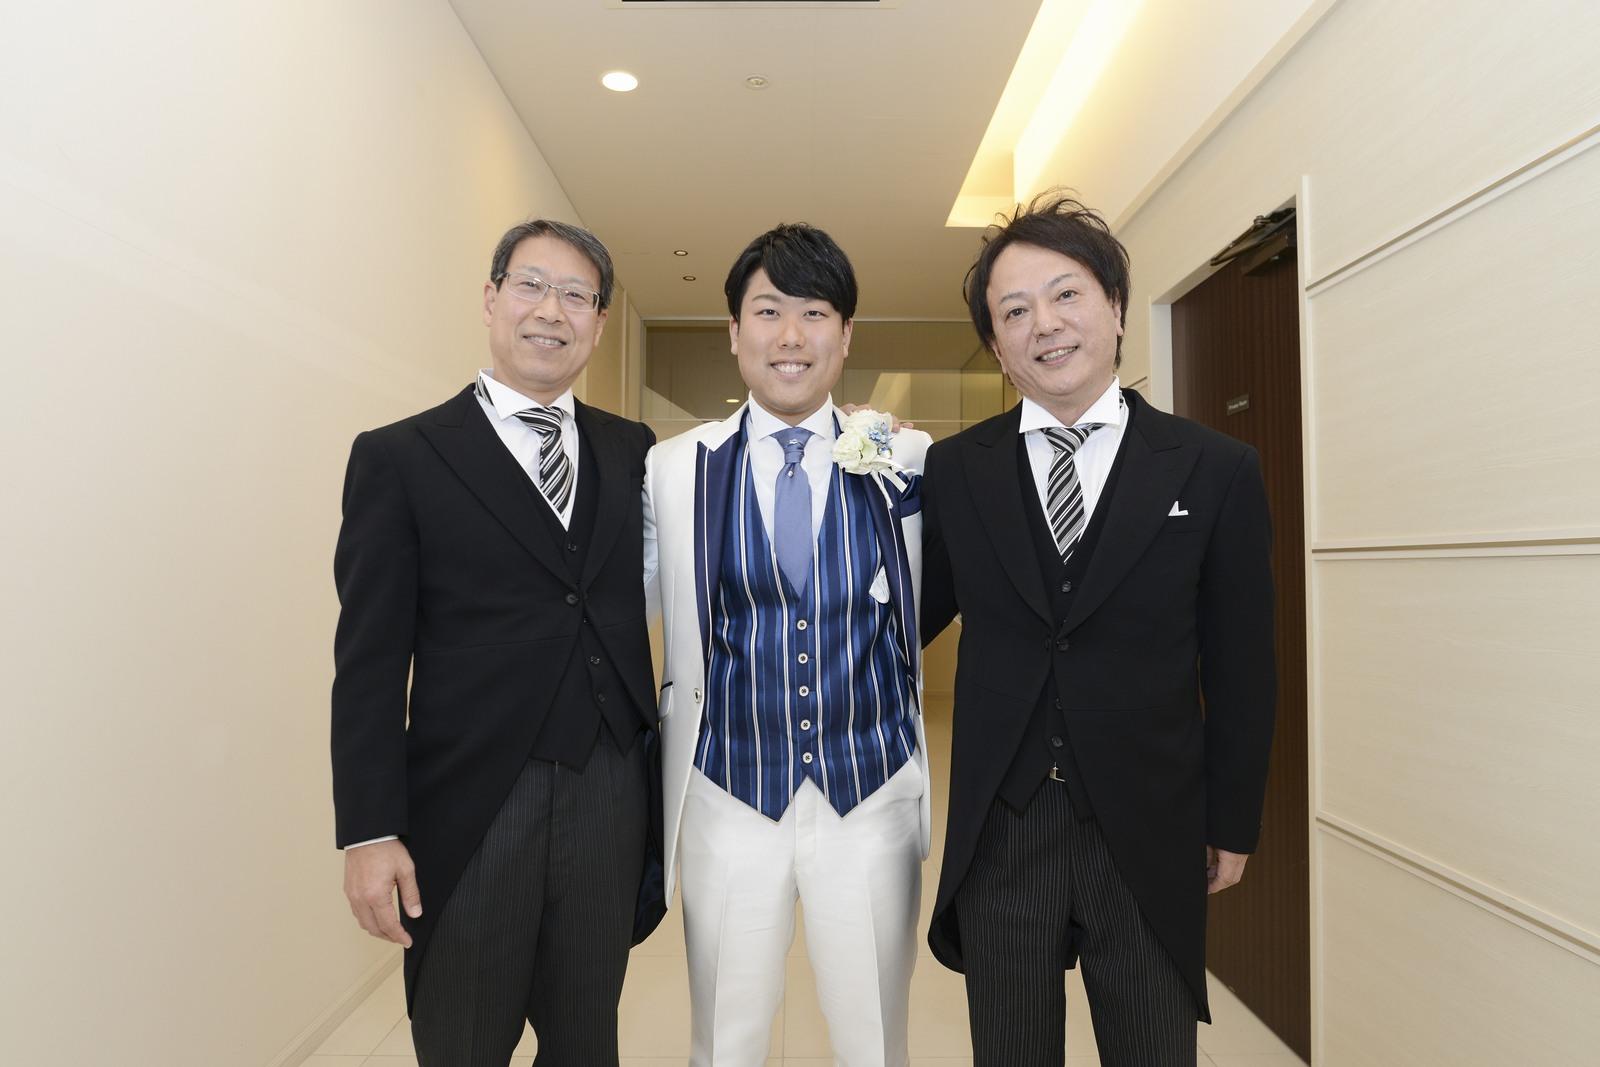 徳島市の結婚式場ブランアンジュで両家父親と新郎のショット